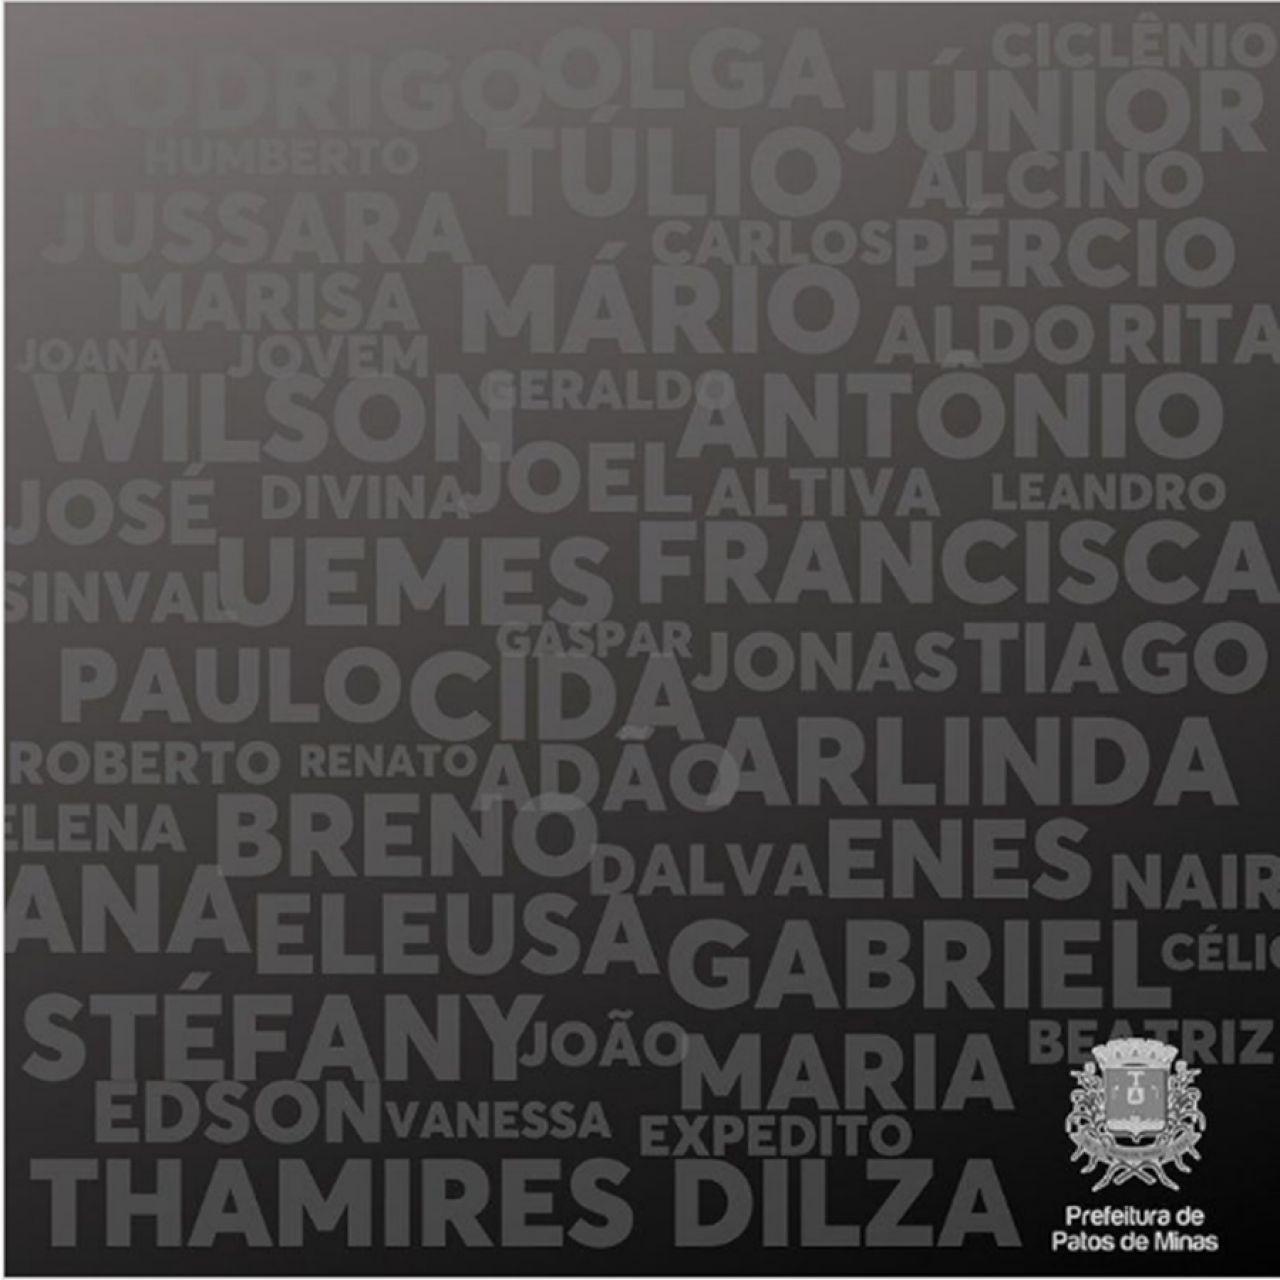 Prefeitura presta homenagem às mais de 500 vítimas perdidas para a covid-19 em Patos de Minas